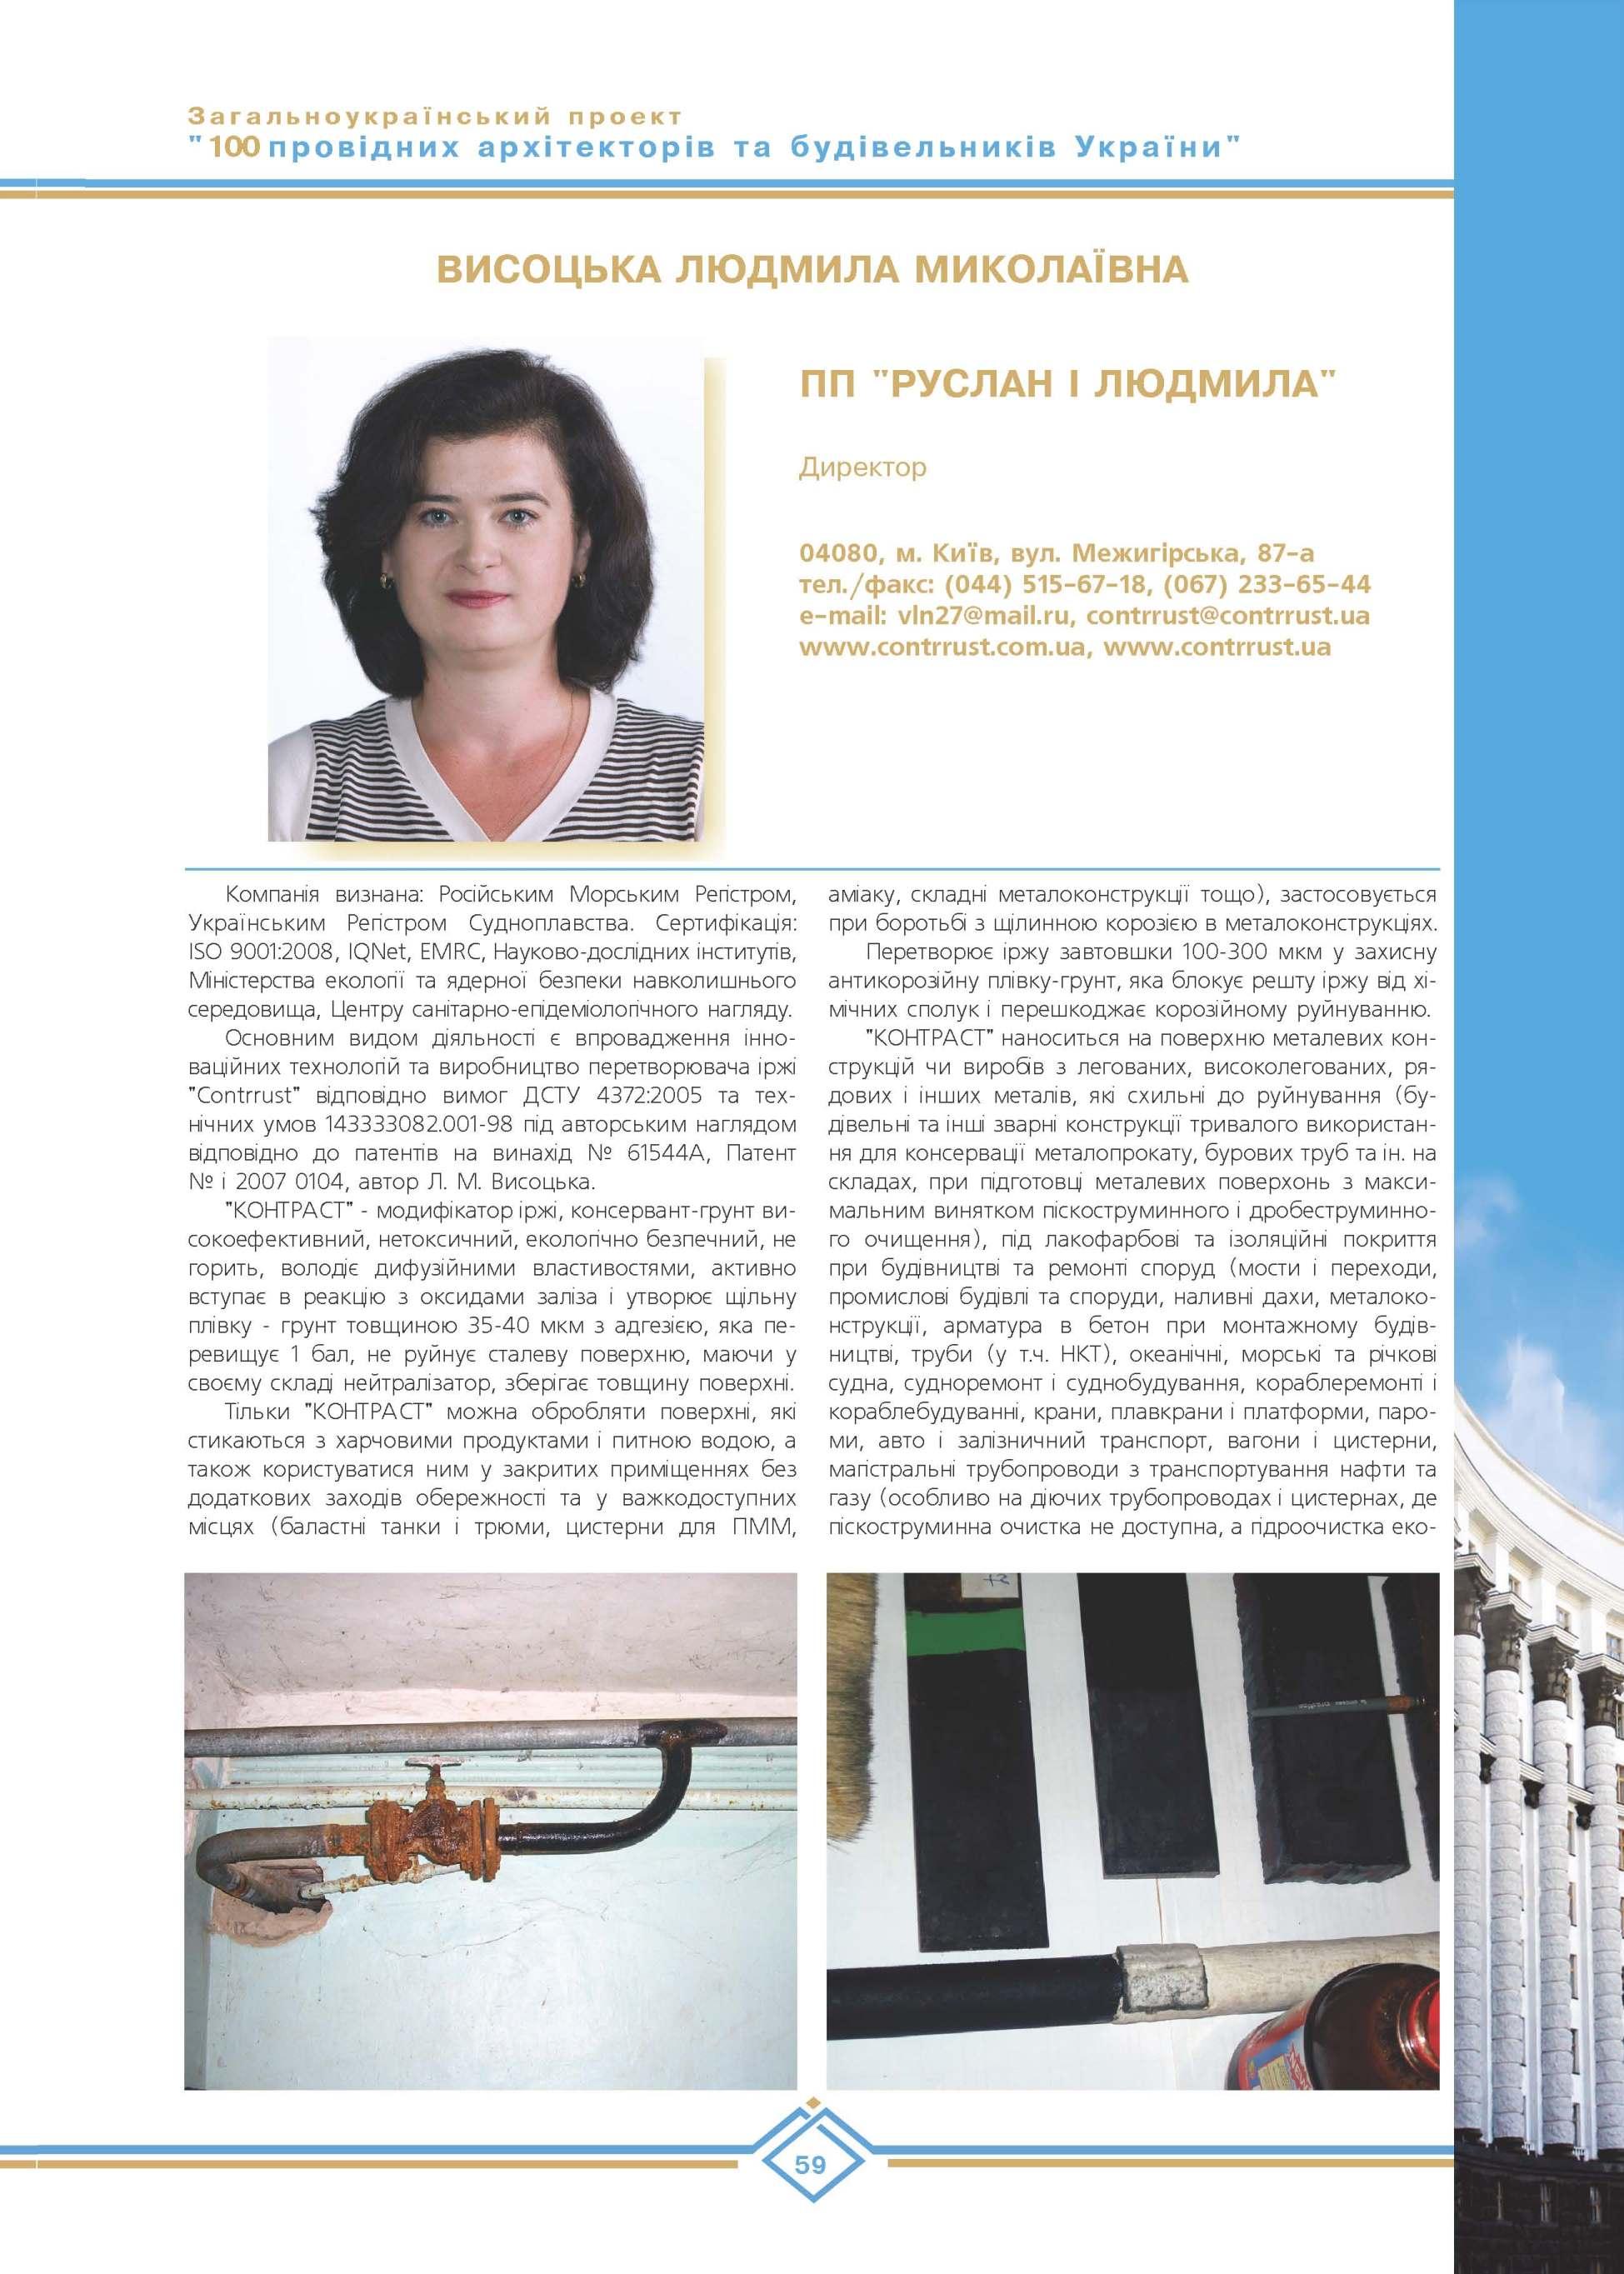 Висоцька Людмила Миколаївна